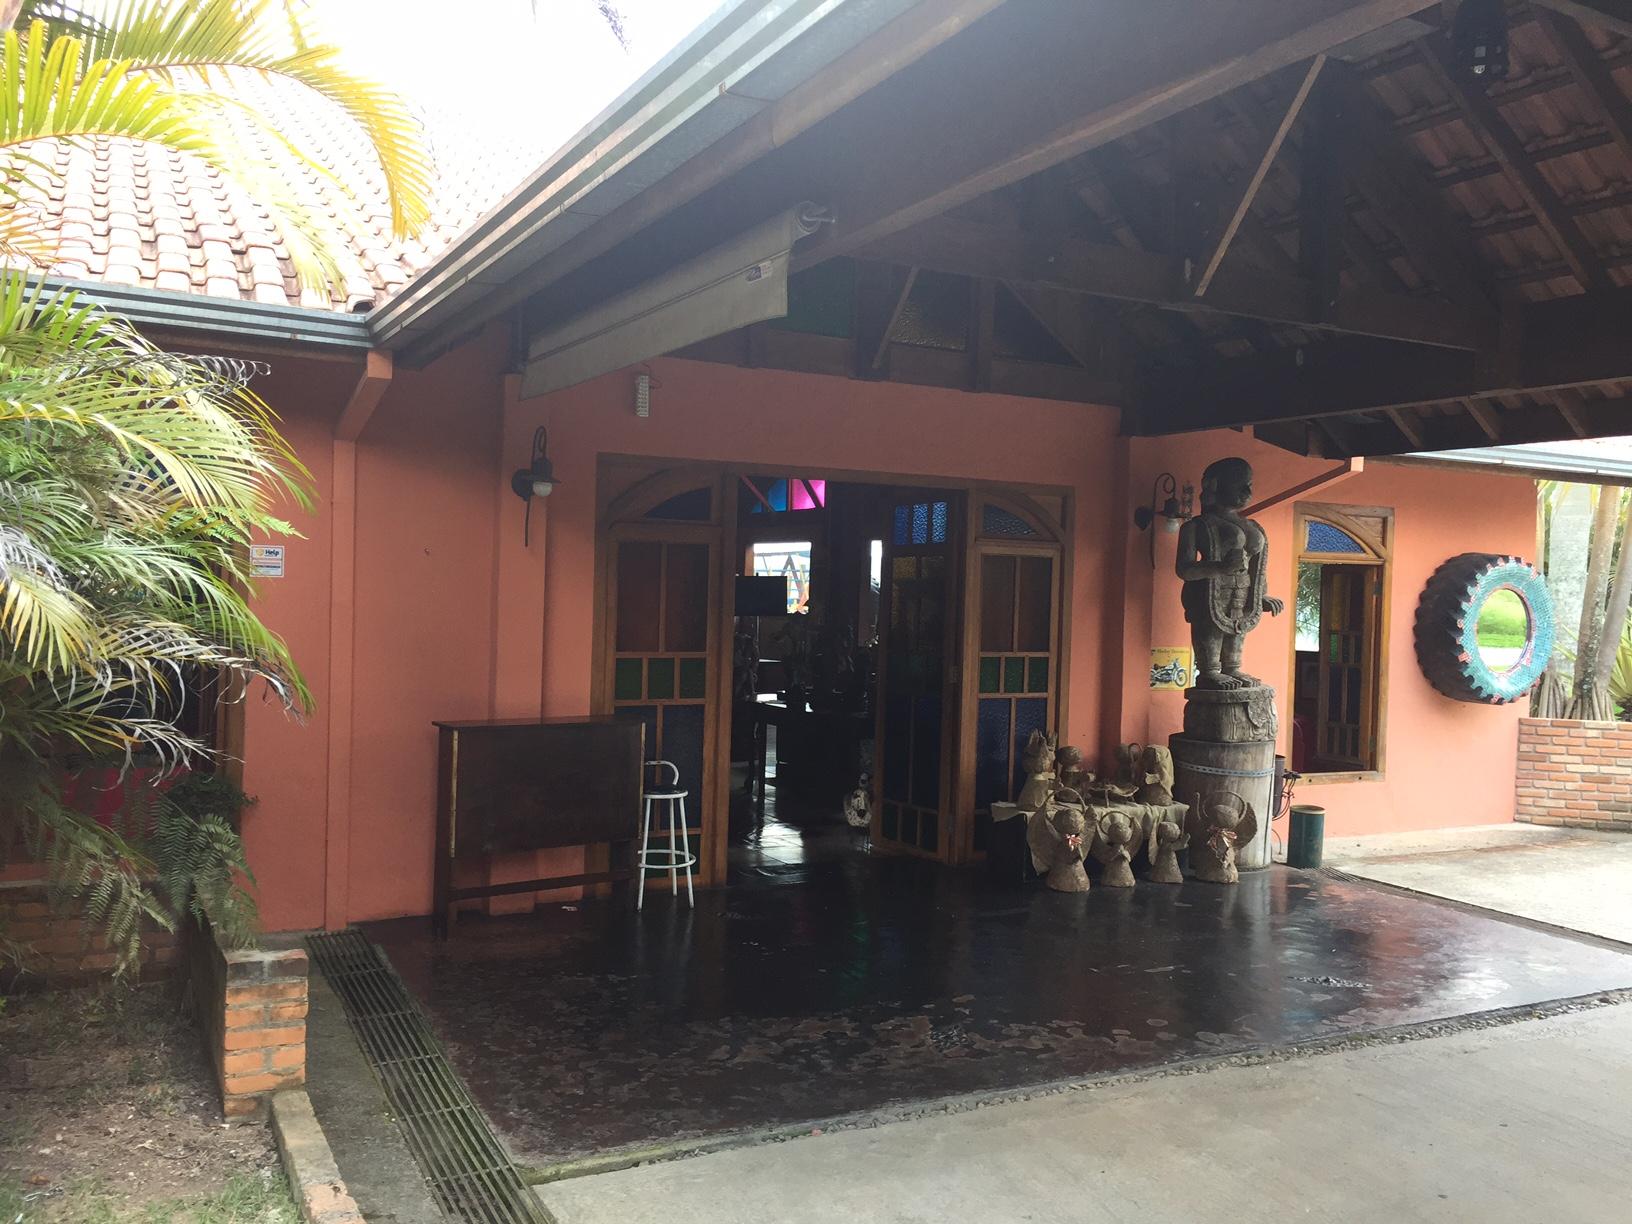 A entrada do local, tudo muito bem decorado e aconchegante